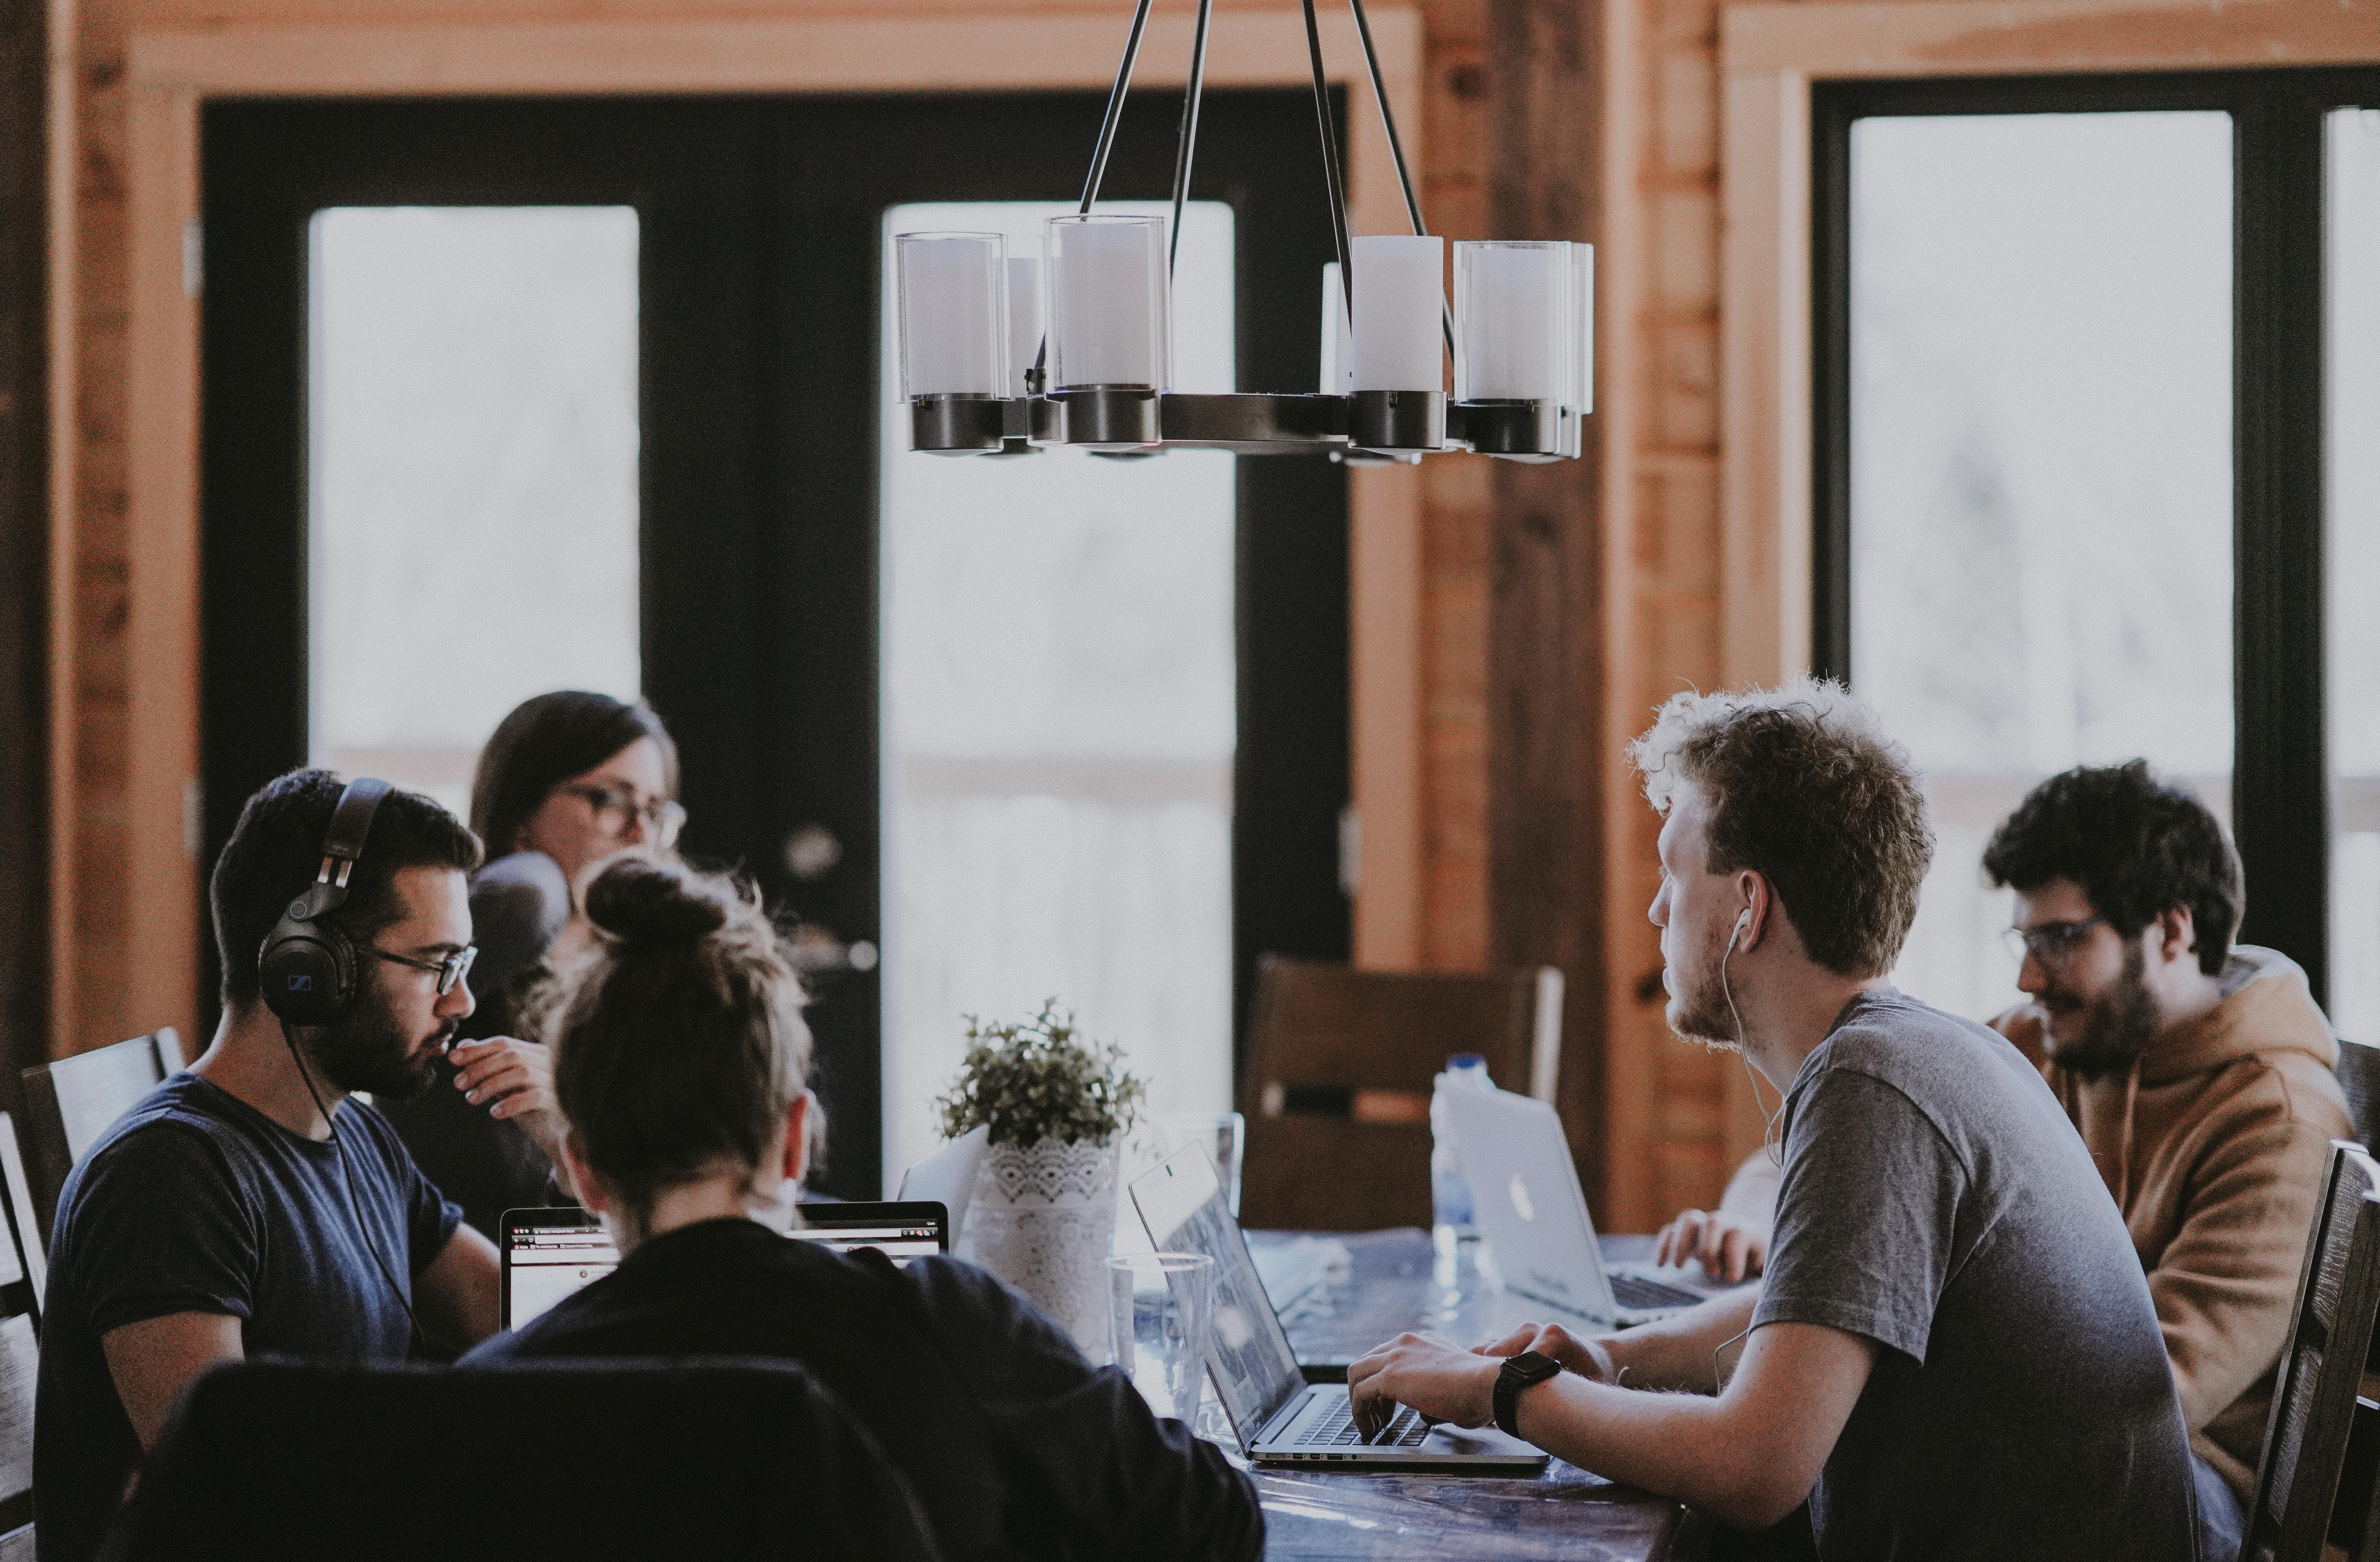 Les outils collaboratifs : Quels bénéfices pour votre équipe ?